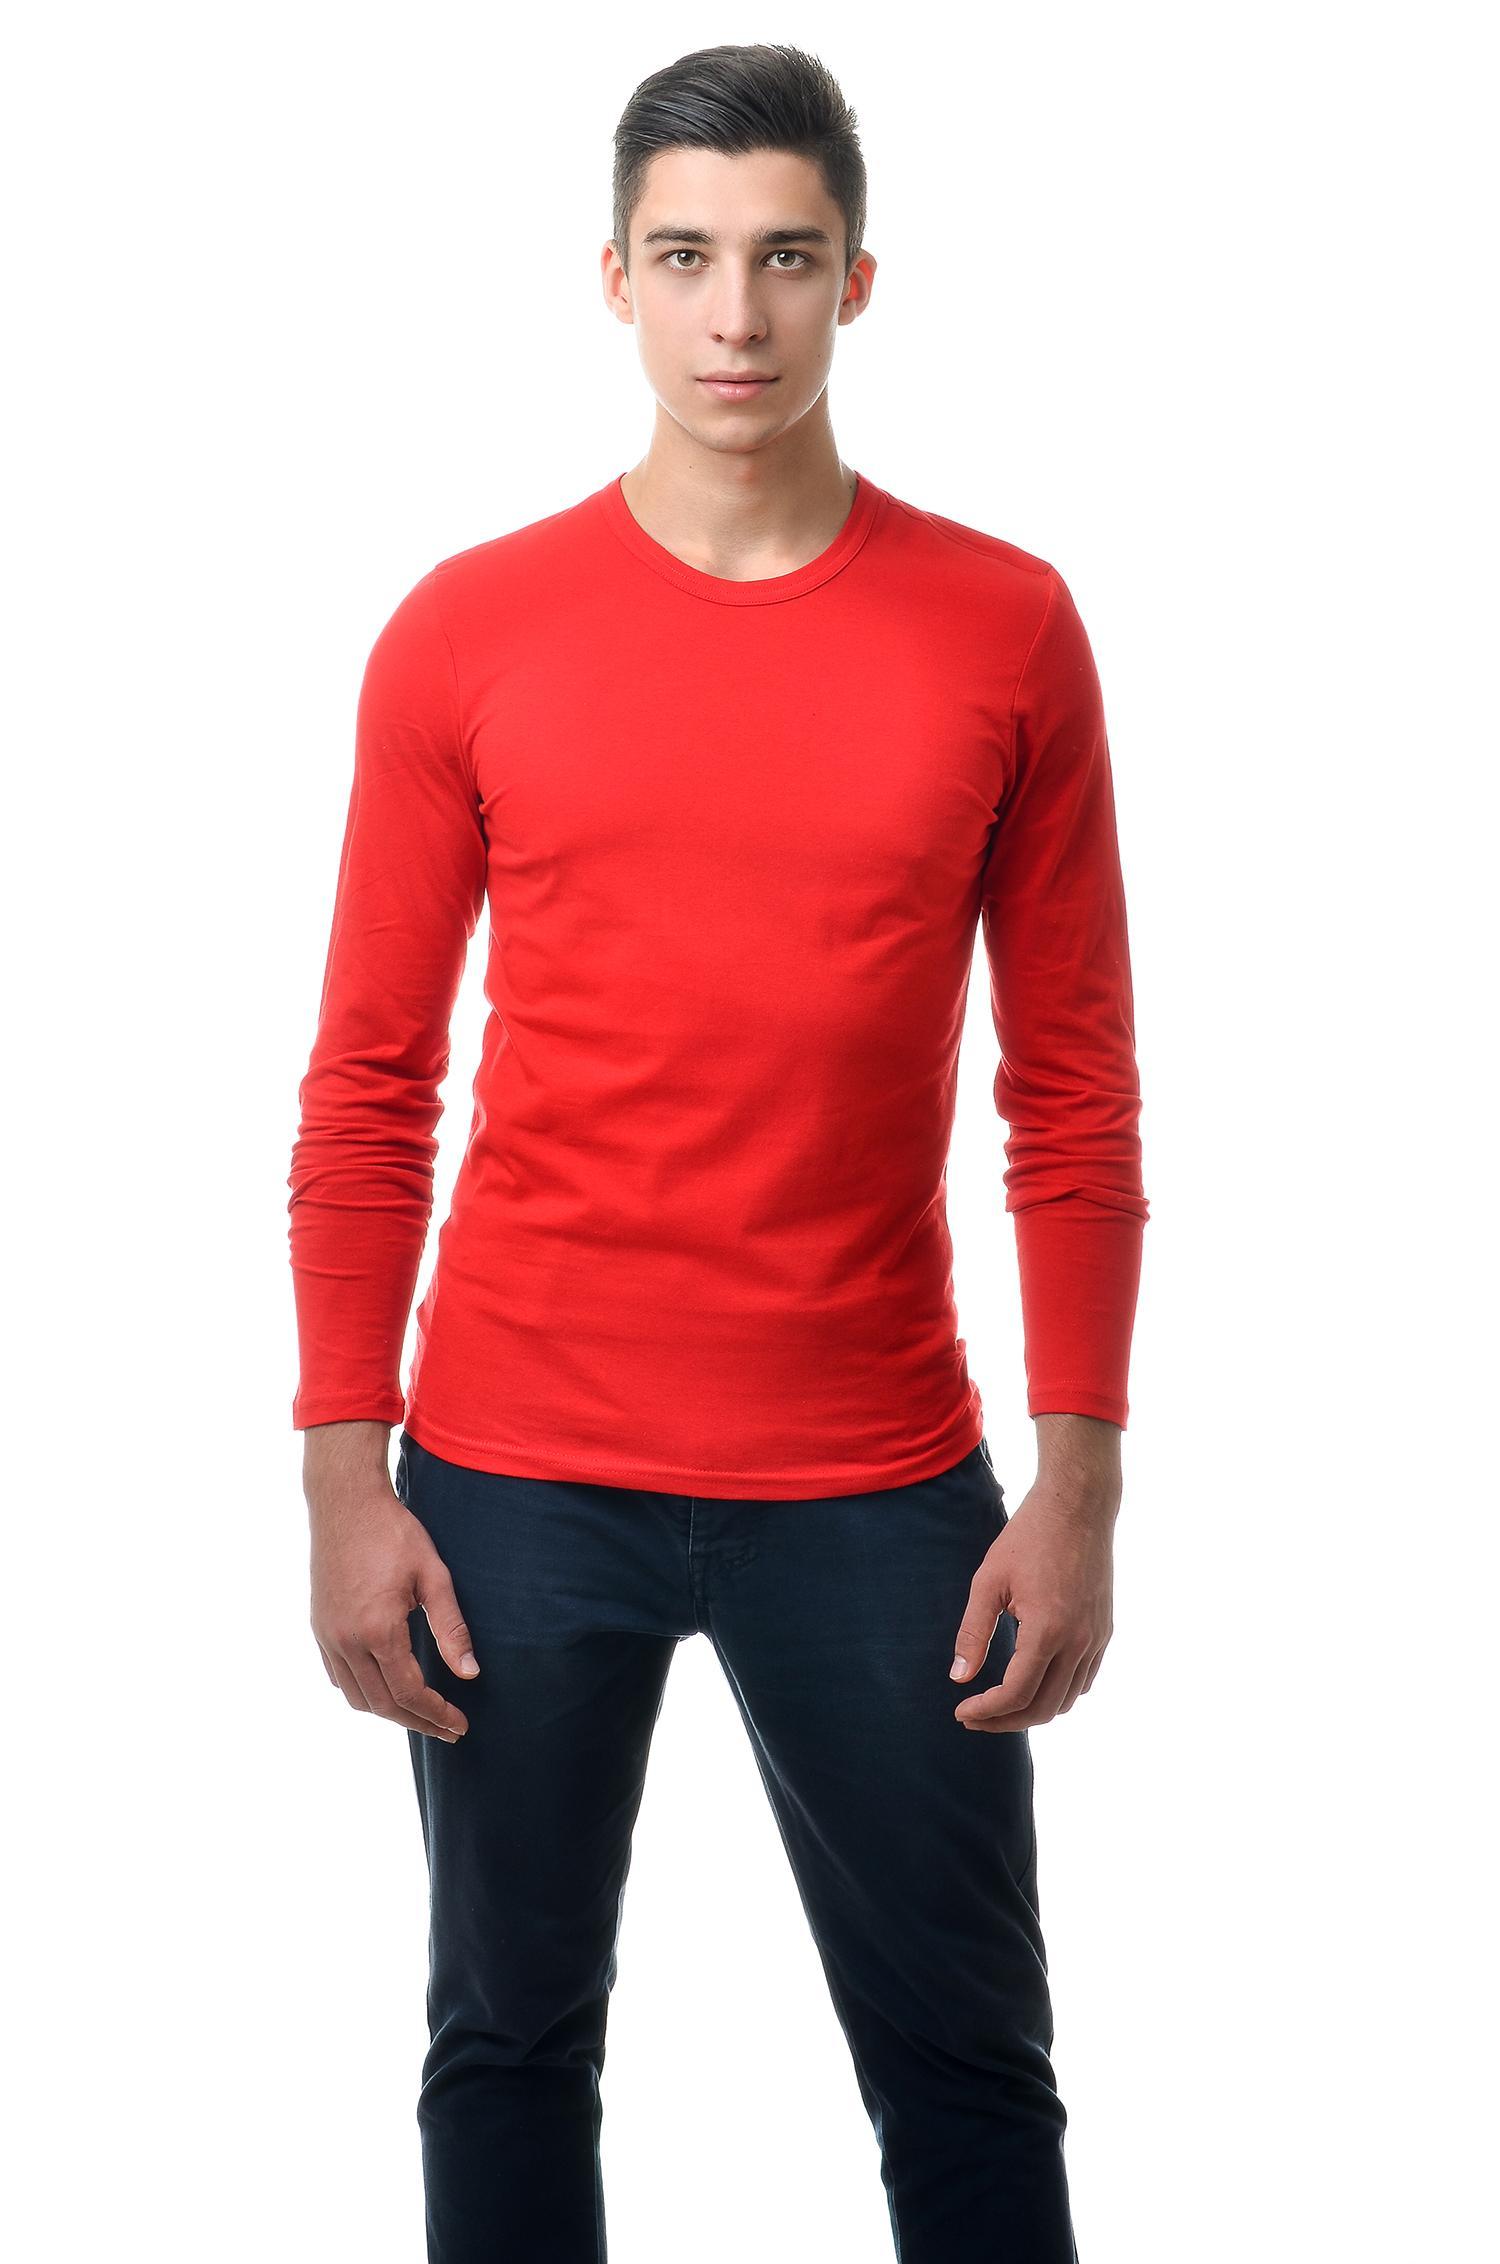 Купить футболку с длинным рукавом красный оптом и в розницу - AndreStar 564d1f318b84d